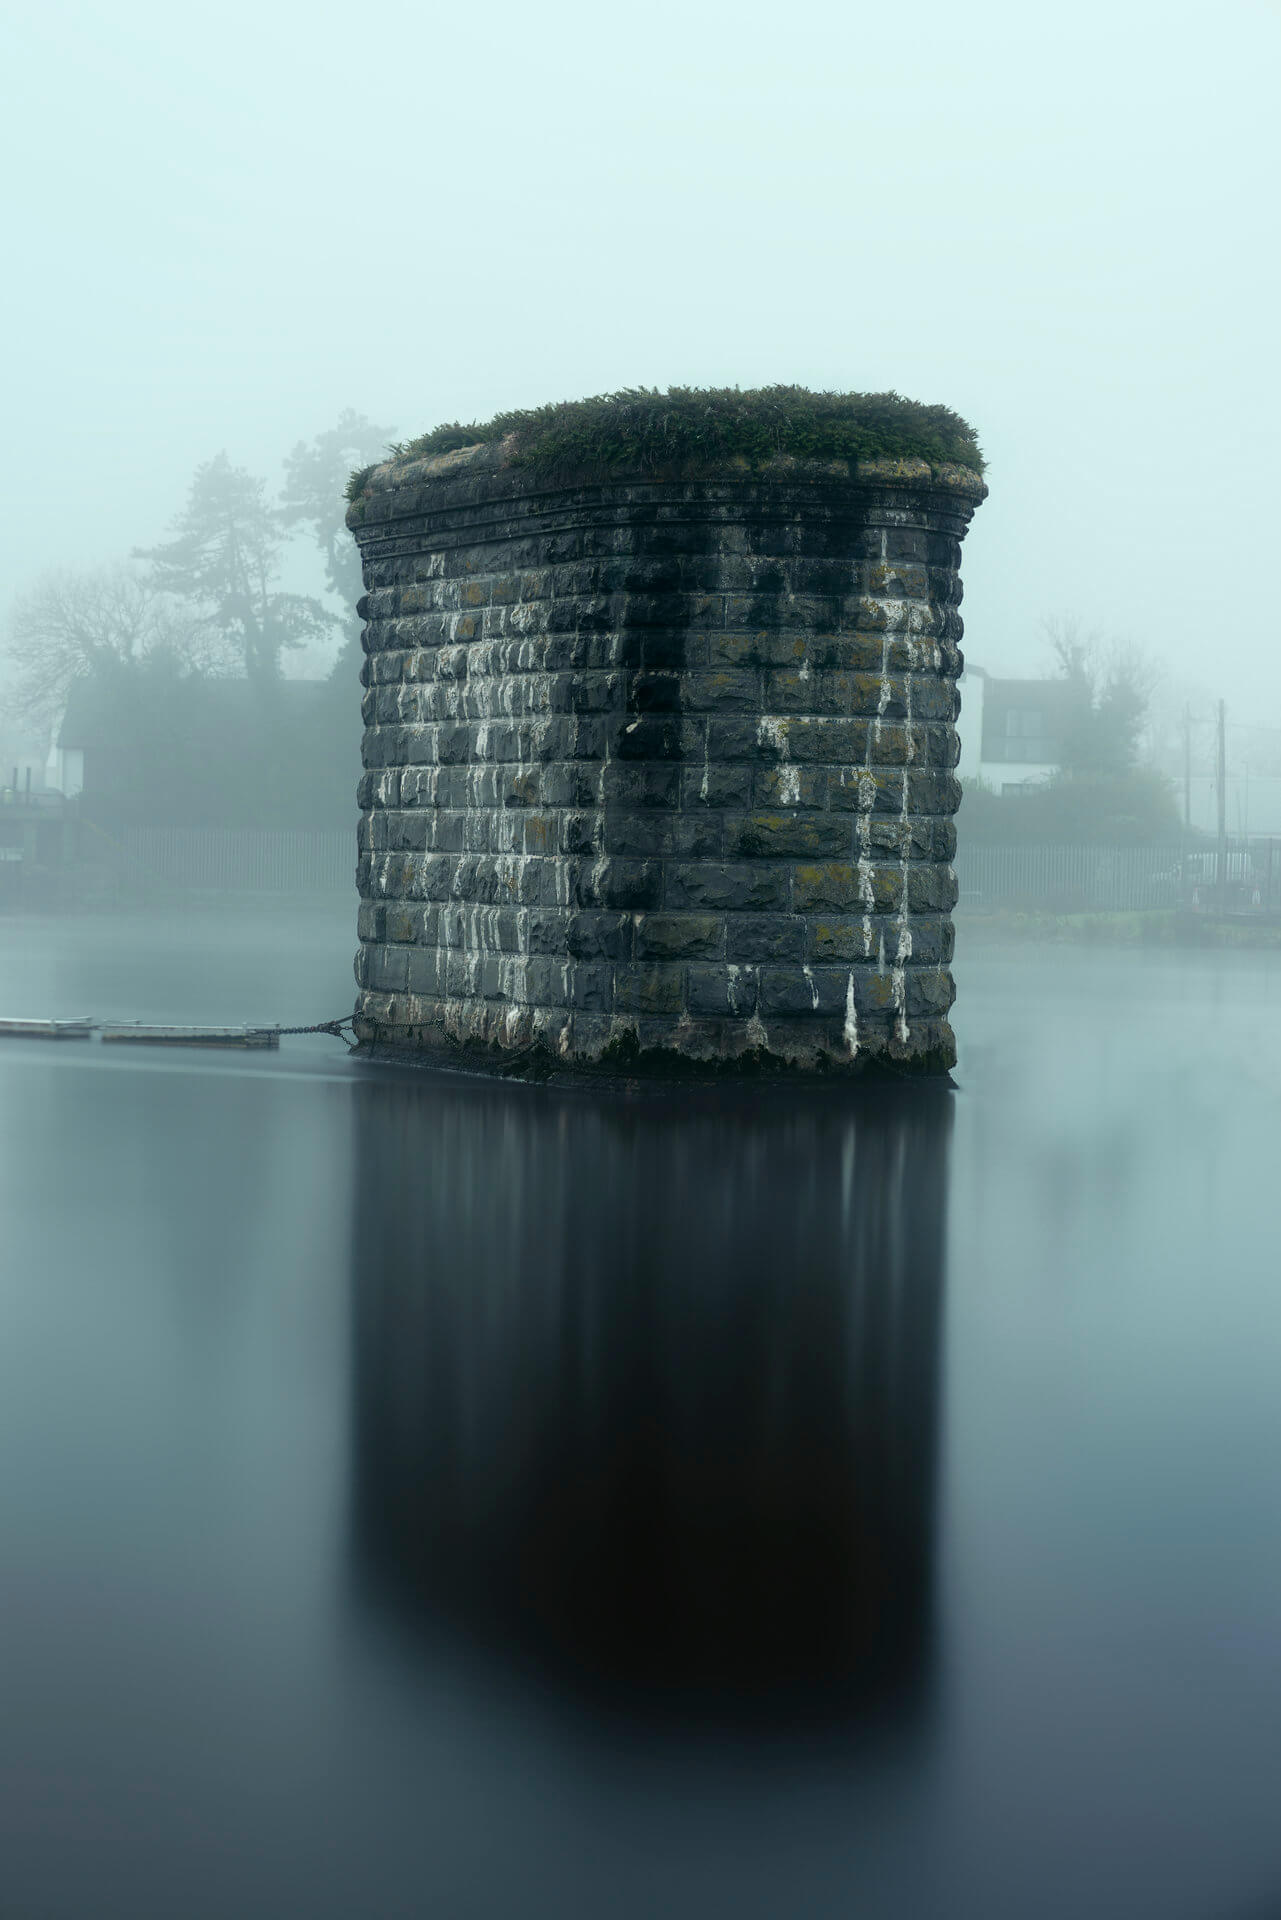 corrib viaduct in fog